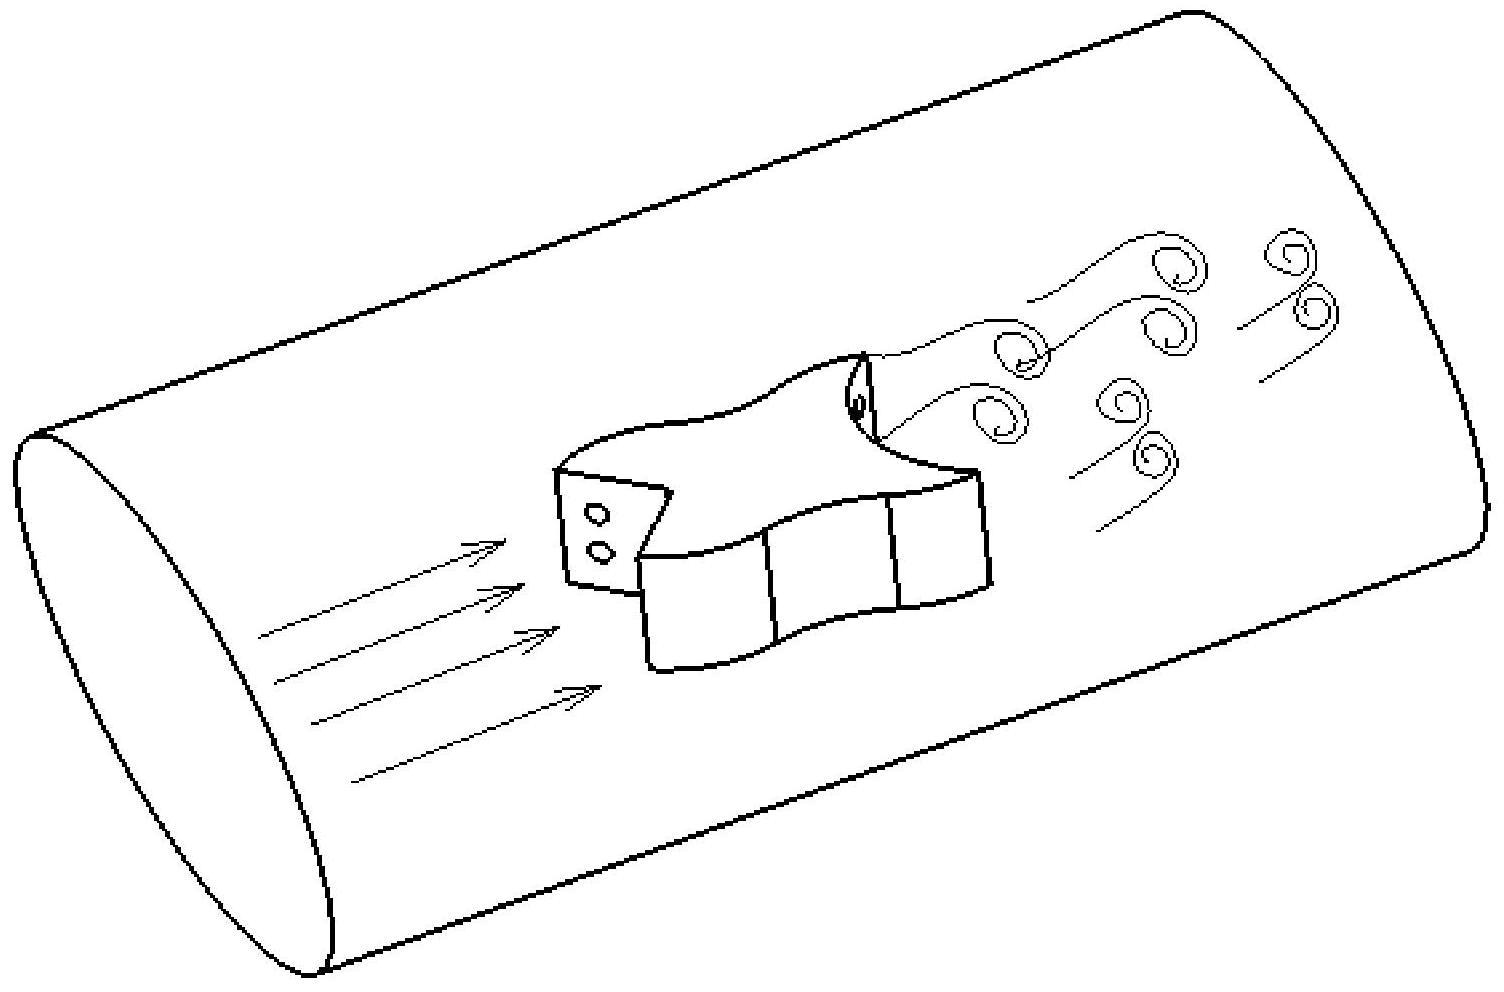 【仪表新专利】涡街加强的仿生型电磁式涡街流量计